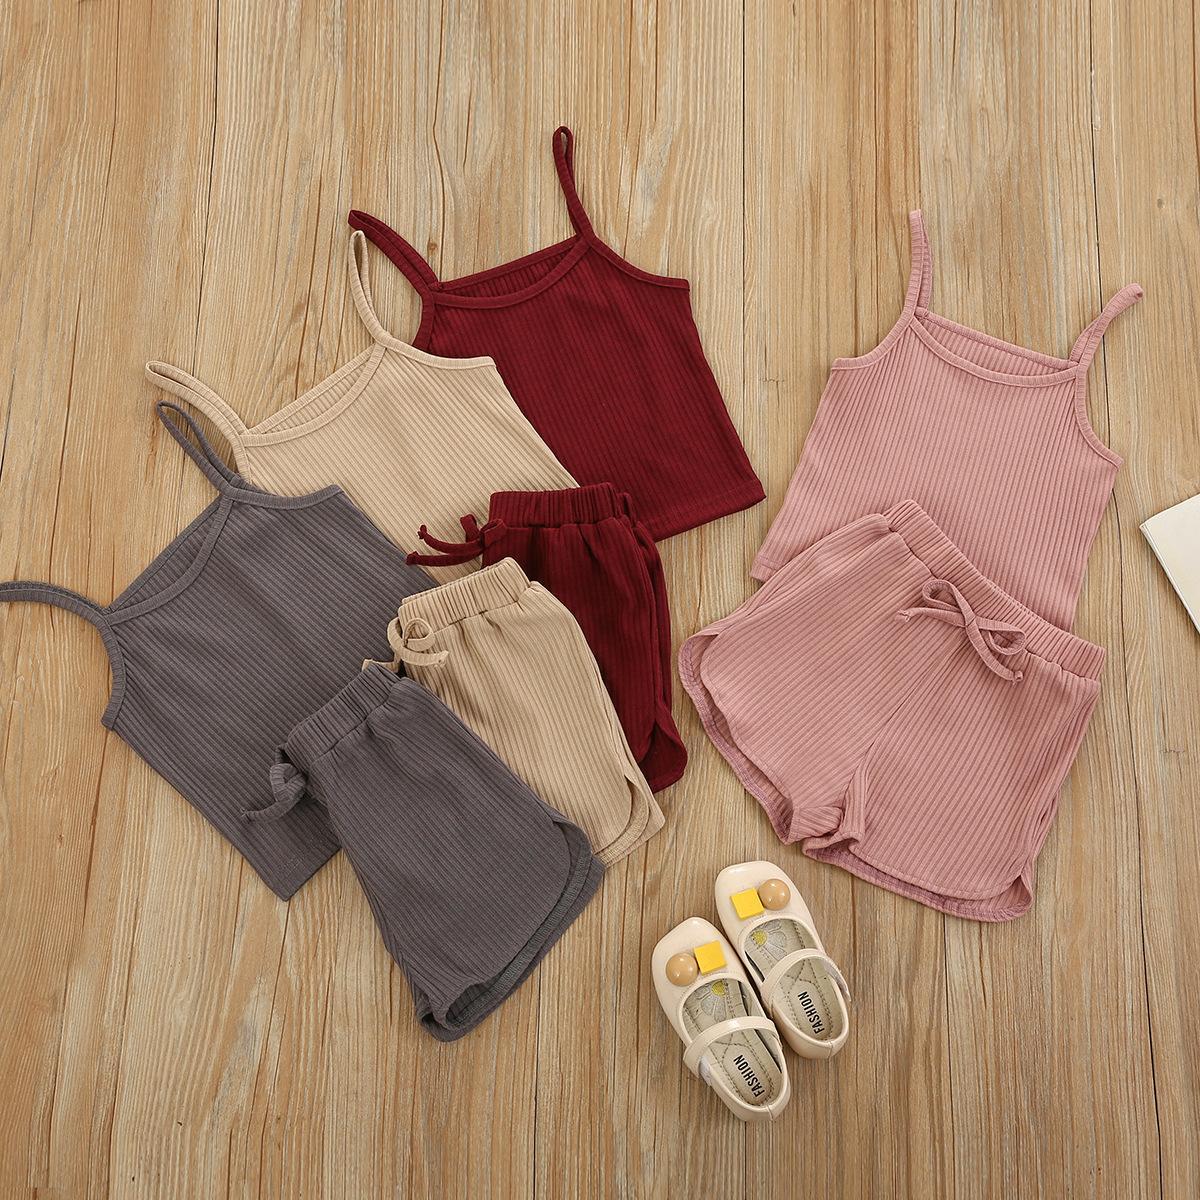 Çocuk Tasarımcısı Giyim Kız Kaşkorse Giyim Setleri Katı Parantez Külot Şort Bebek Çizgili Pamuk Tank Üst PP Pants Suits Spor Suit 5 Renkler WMQ1269 Suits